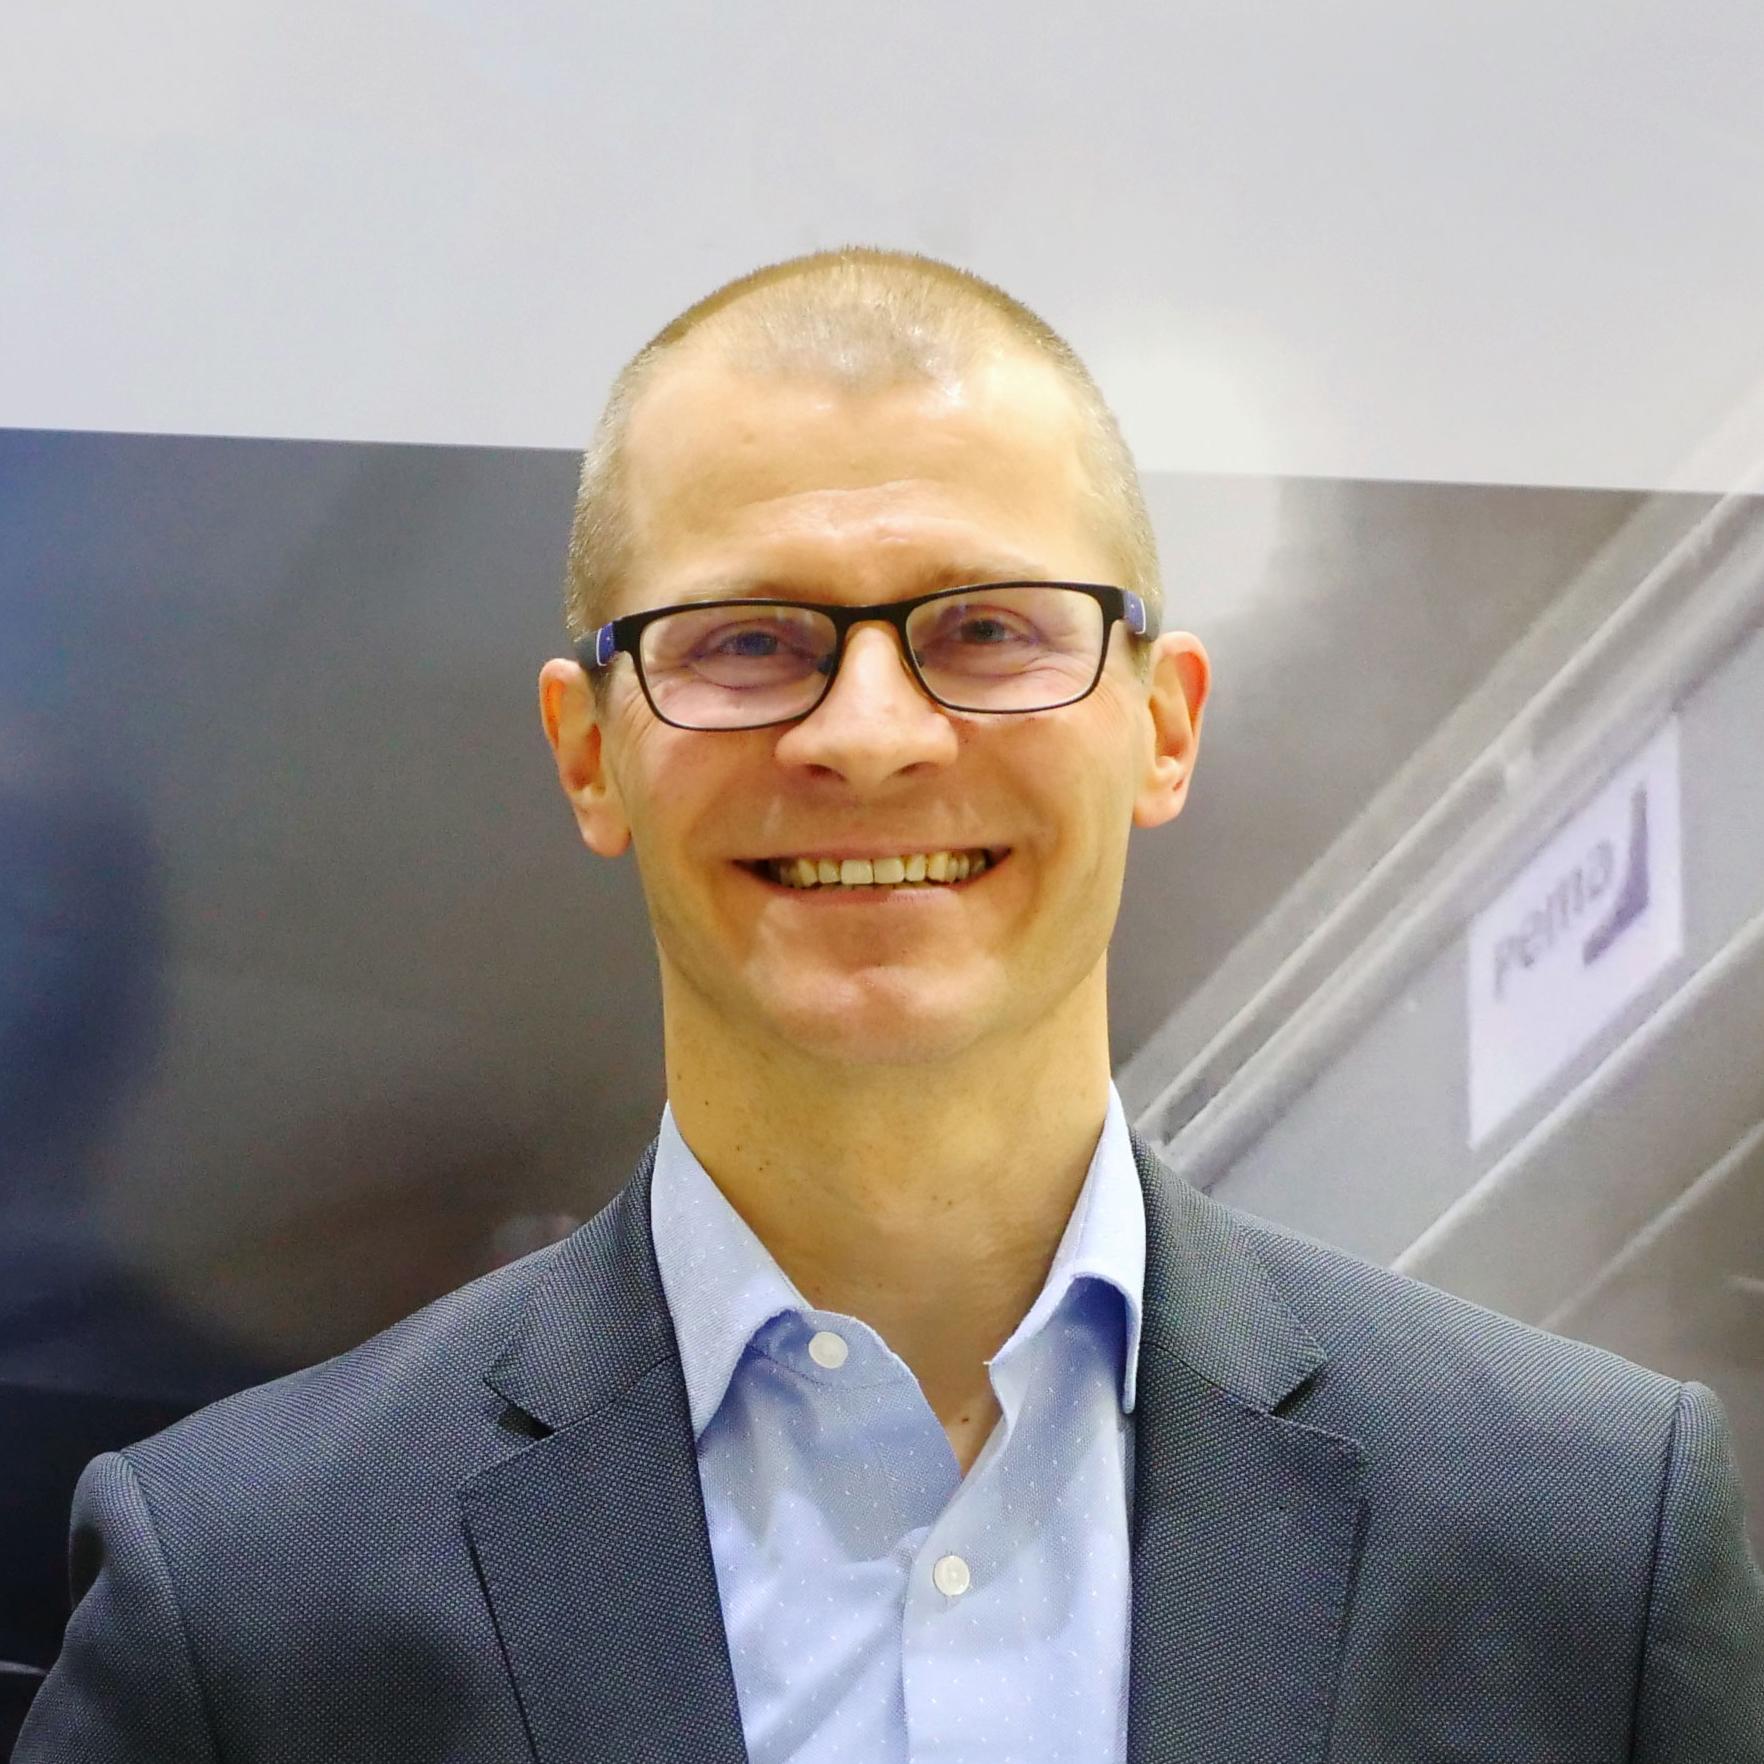 Juha Mäkitalo